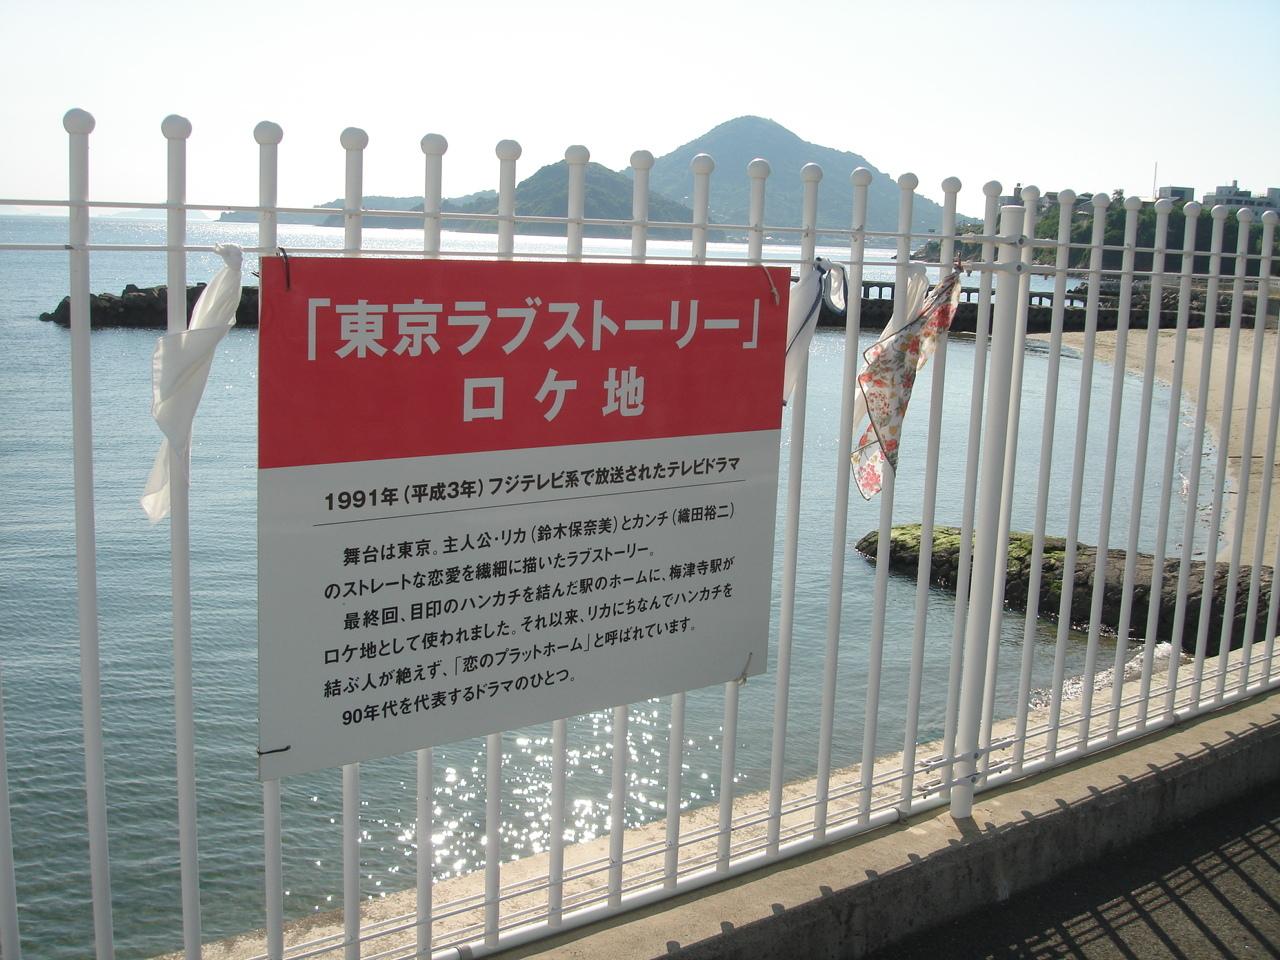 梅津寺駅ホームの柵にあるロケ地表示板 写真提供:伊予鉄グループ